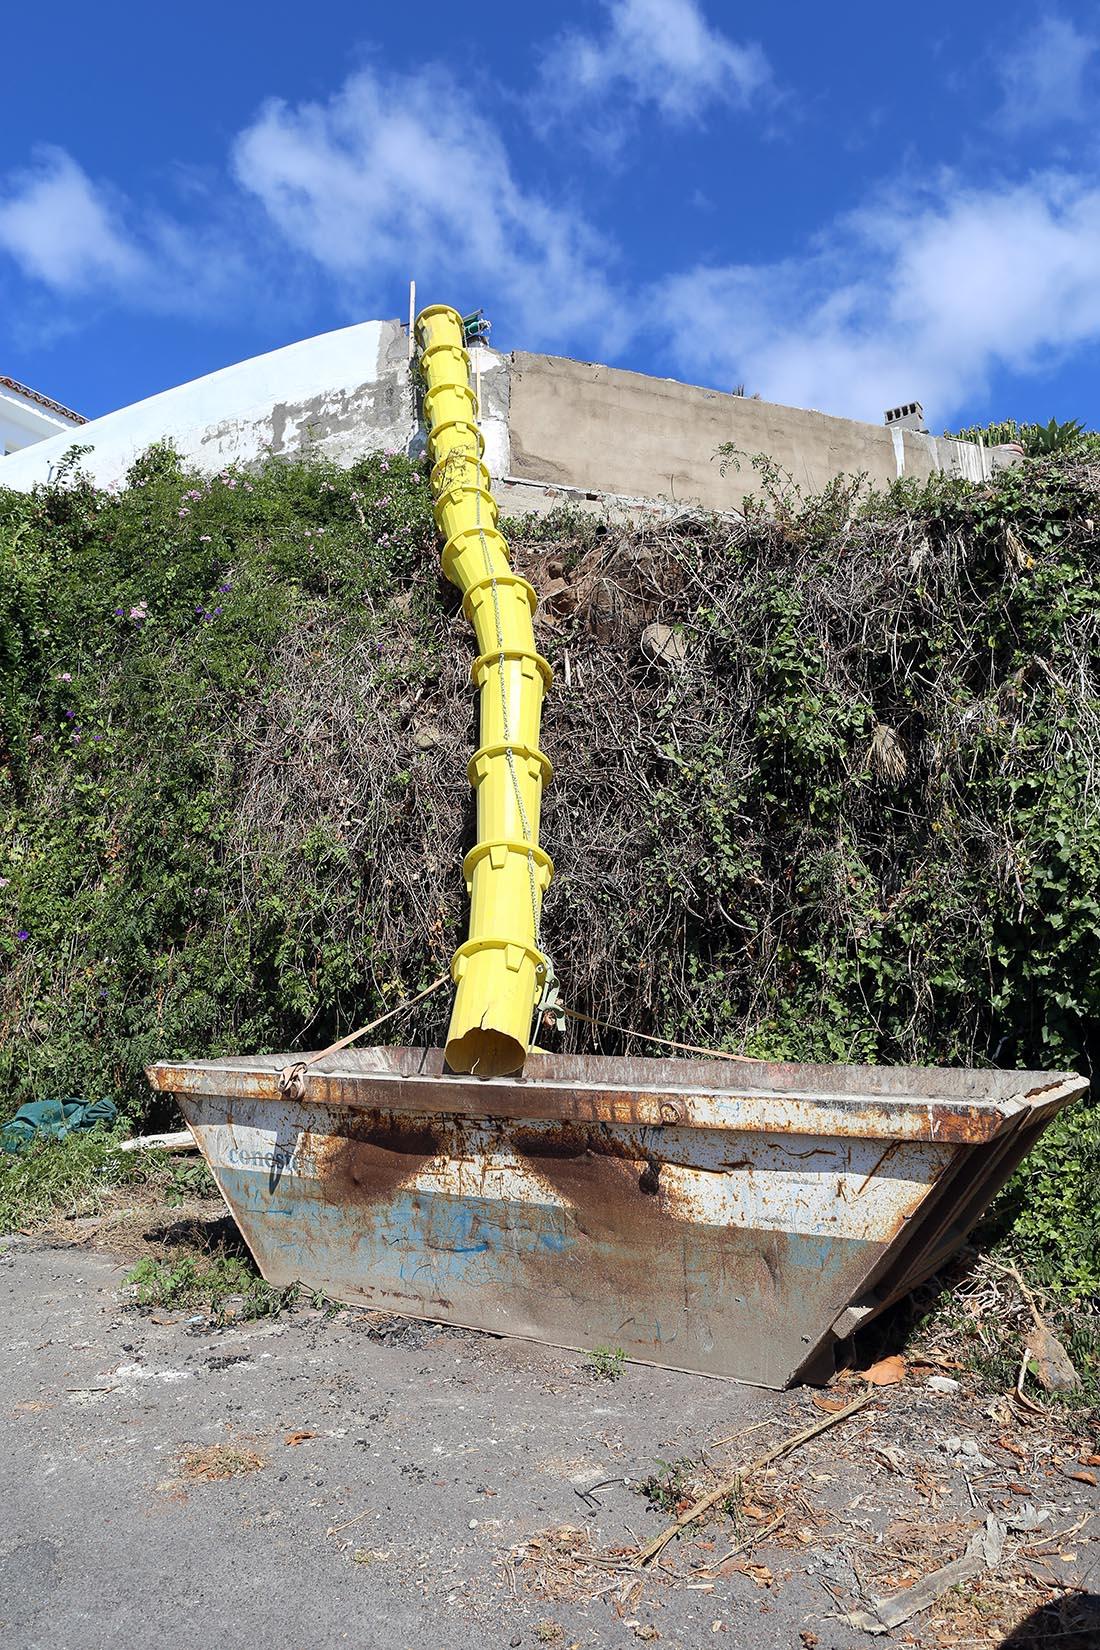 La ausencia de normativa para la gestión de elementos que puedan estar contaminados por las termitas, puede favorecer la contaminación de otros terrenos alejados de este foco.